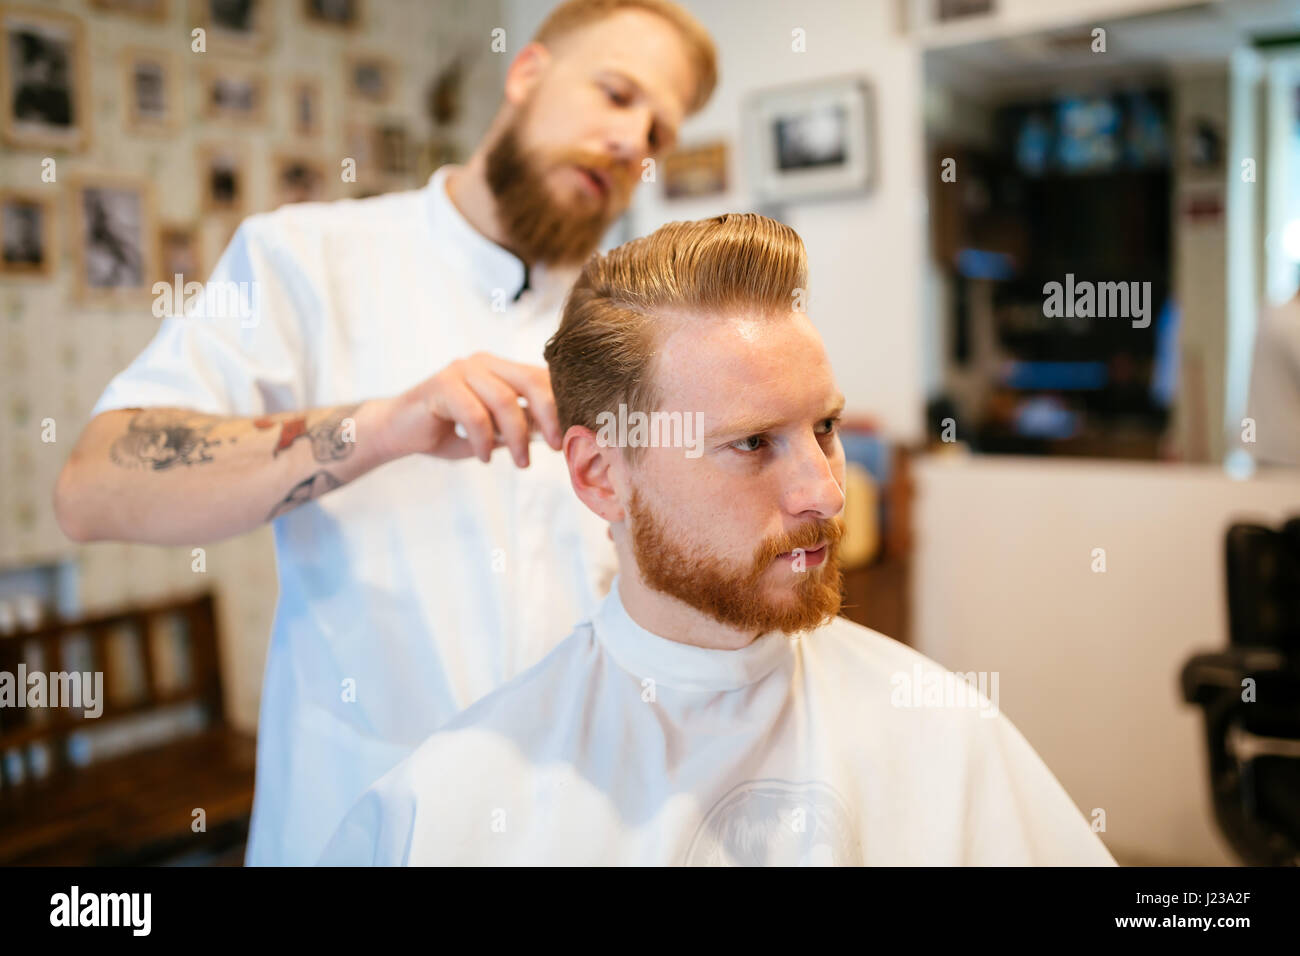 Cheveux homme recevant un traitement dans la barbe barbier Photo Stock